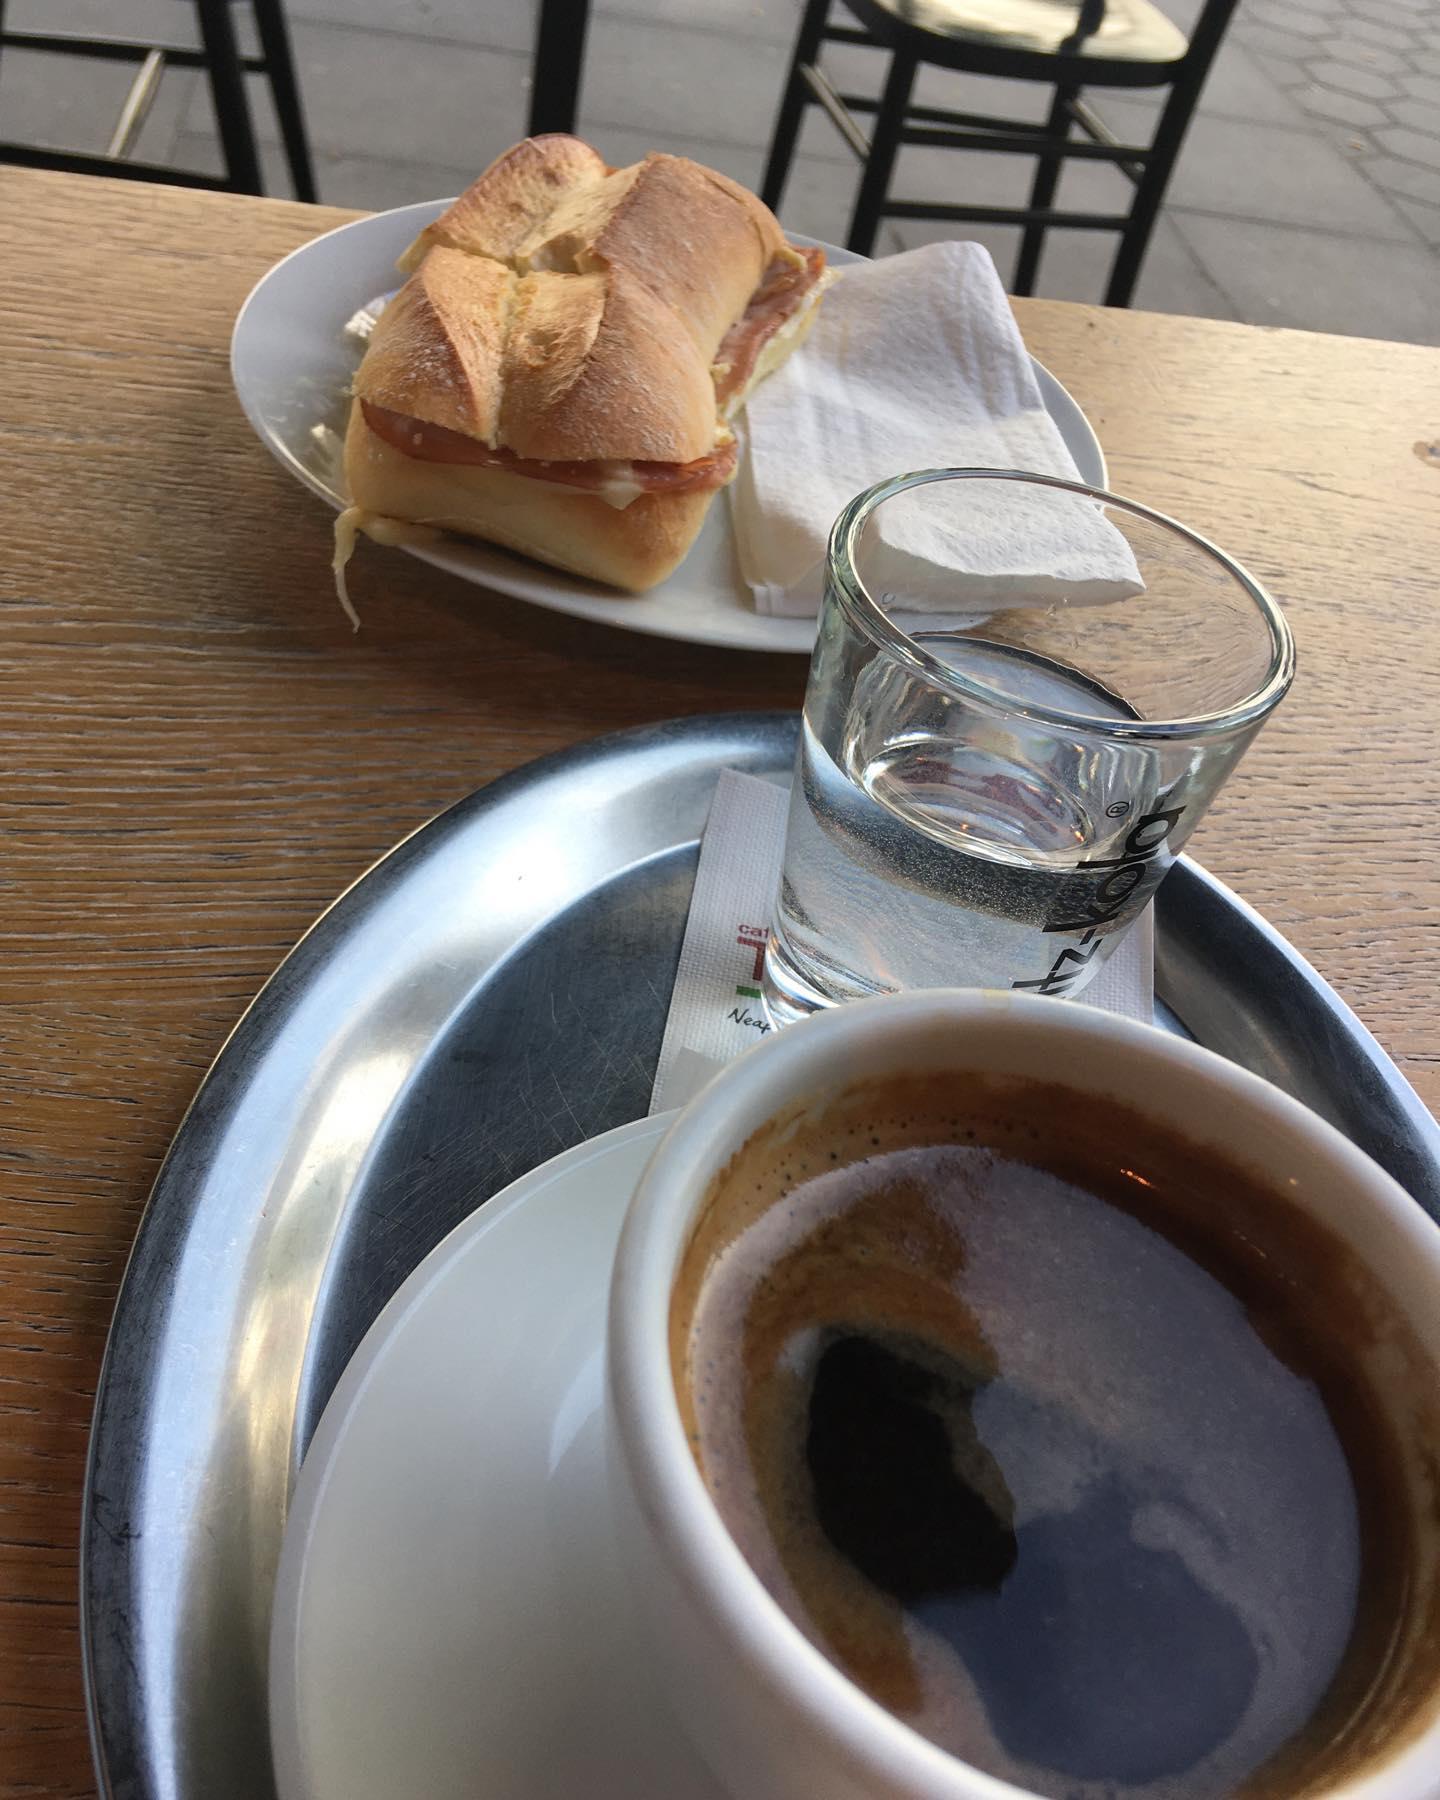 Nachmittagscoffee #coffee #hh_lieben #hh #hamburg #eimsbüttel #eimsbush